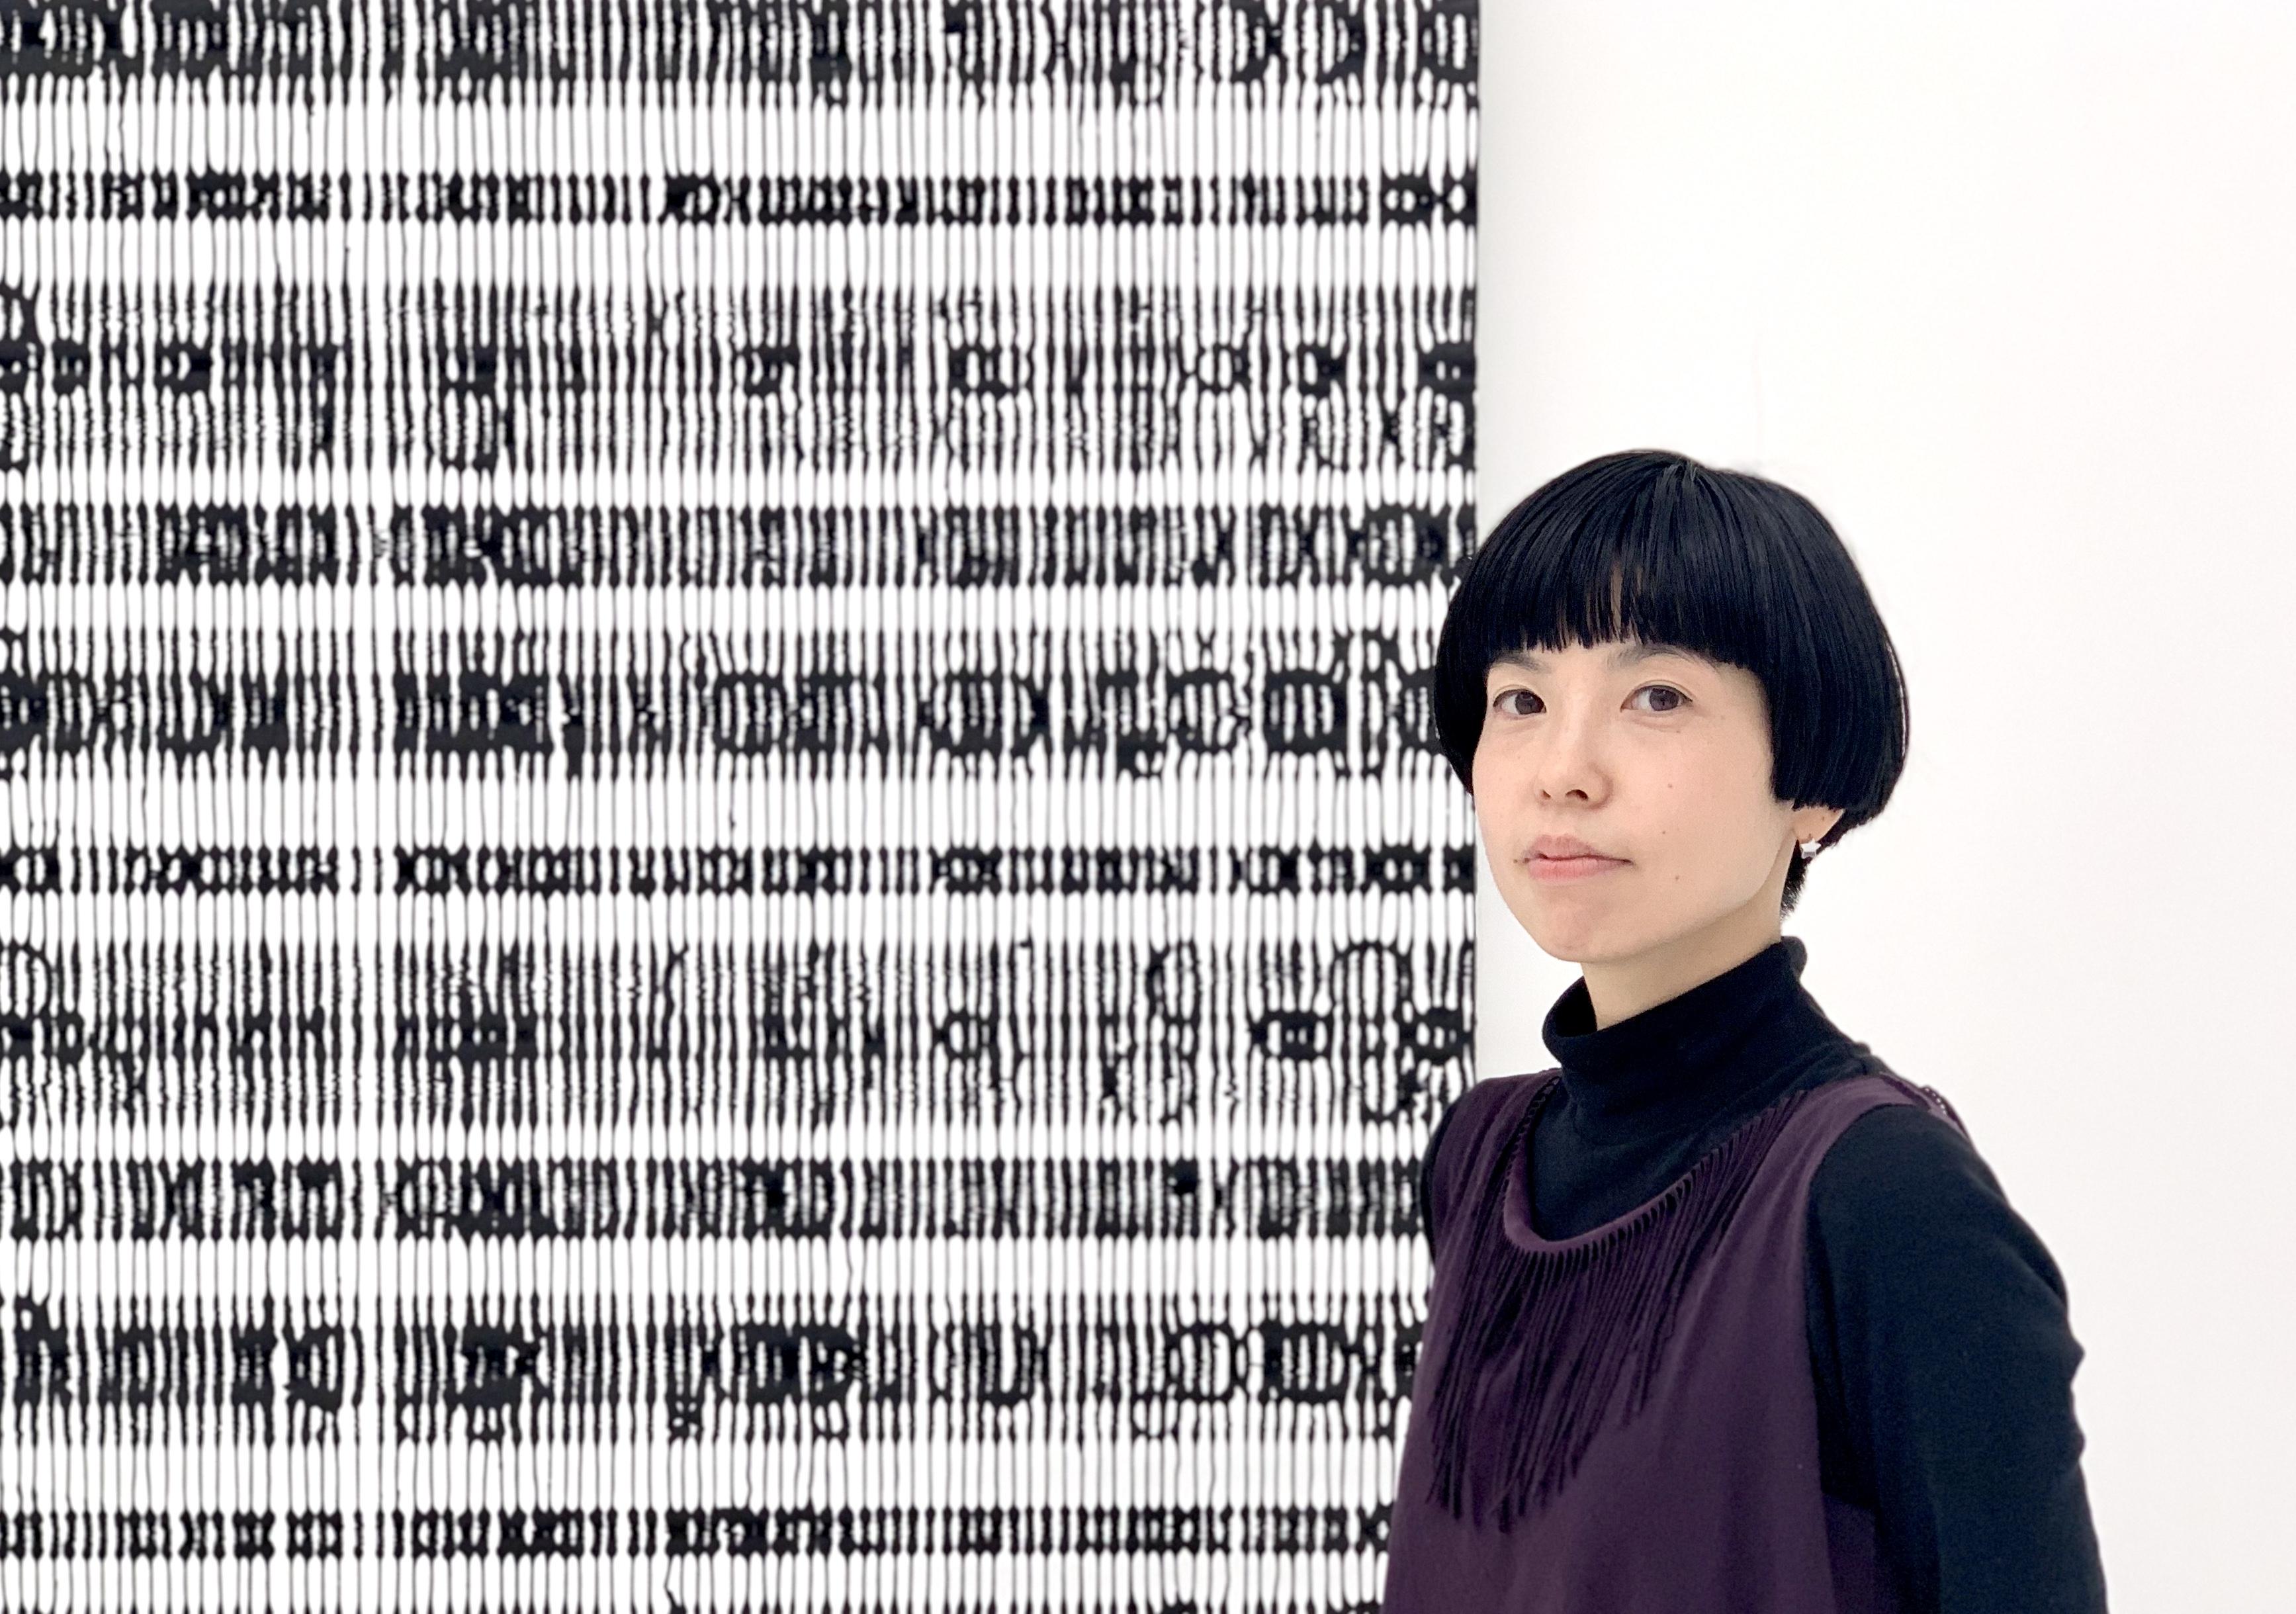 ありのままを受け入れることで、作品になる。髙畠依子「MARS」展